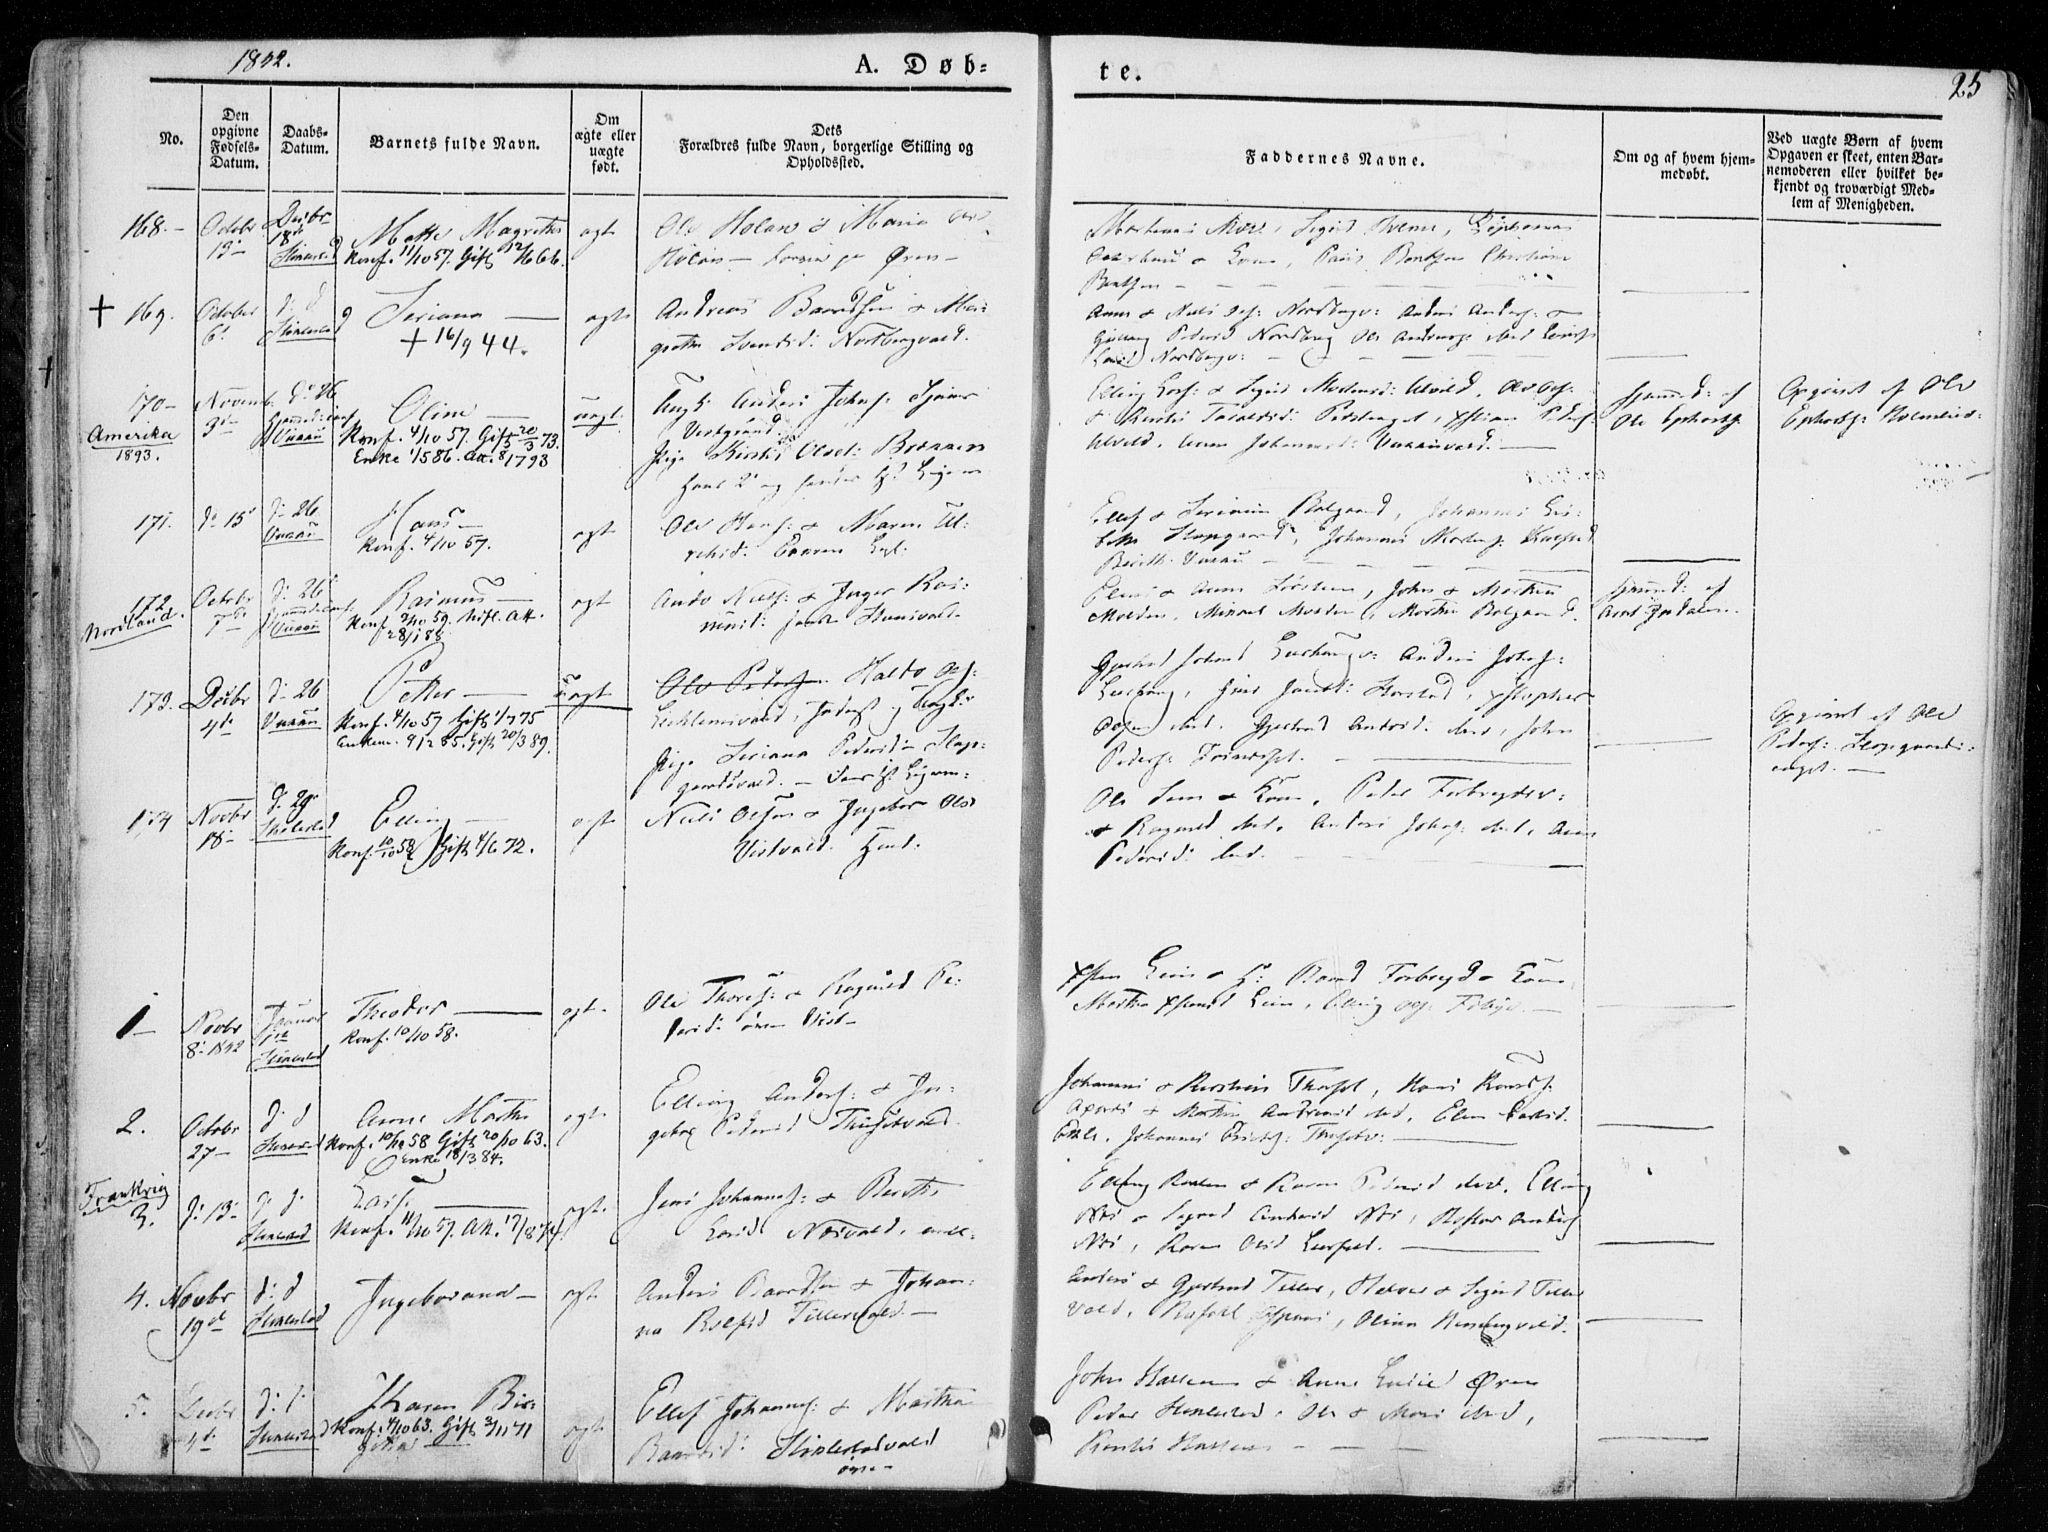 SAT, Ministerialprotokoller, klokkerbøker og fødselsregistre - Nord-Trøndelag, 723/L0239: Ministerialbok nr. 723A08, 1841-1851, s. 25